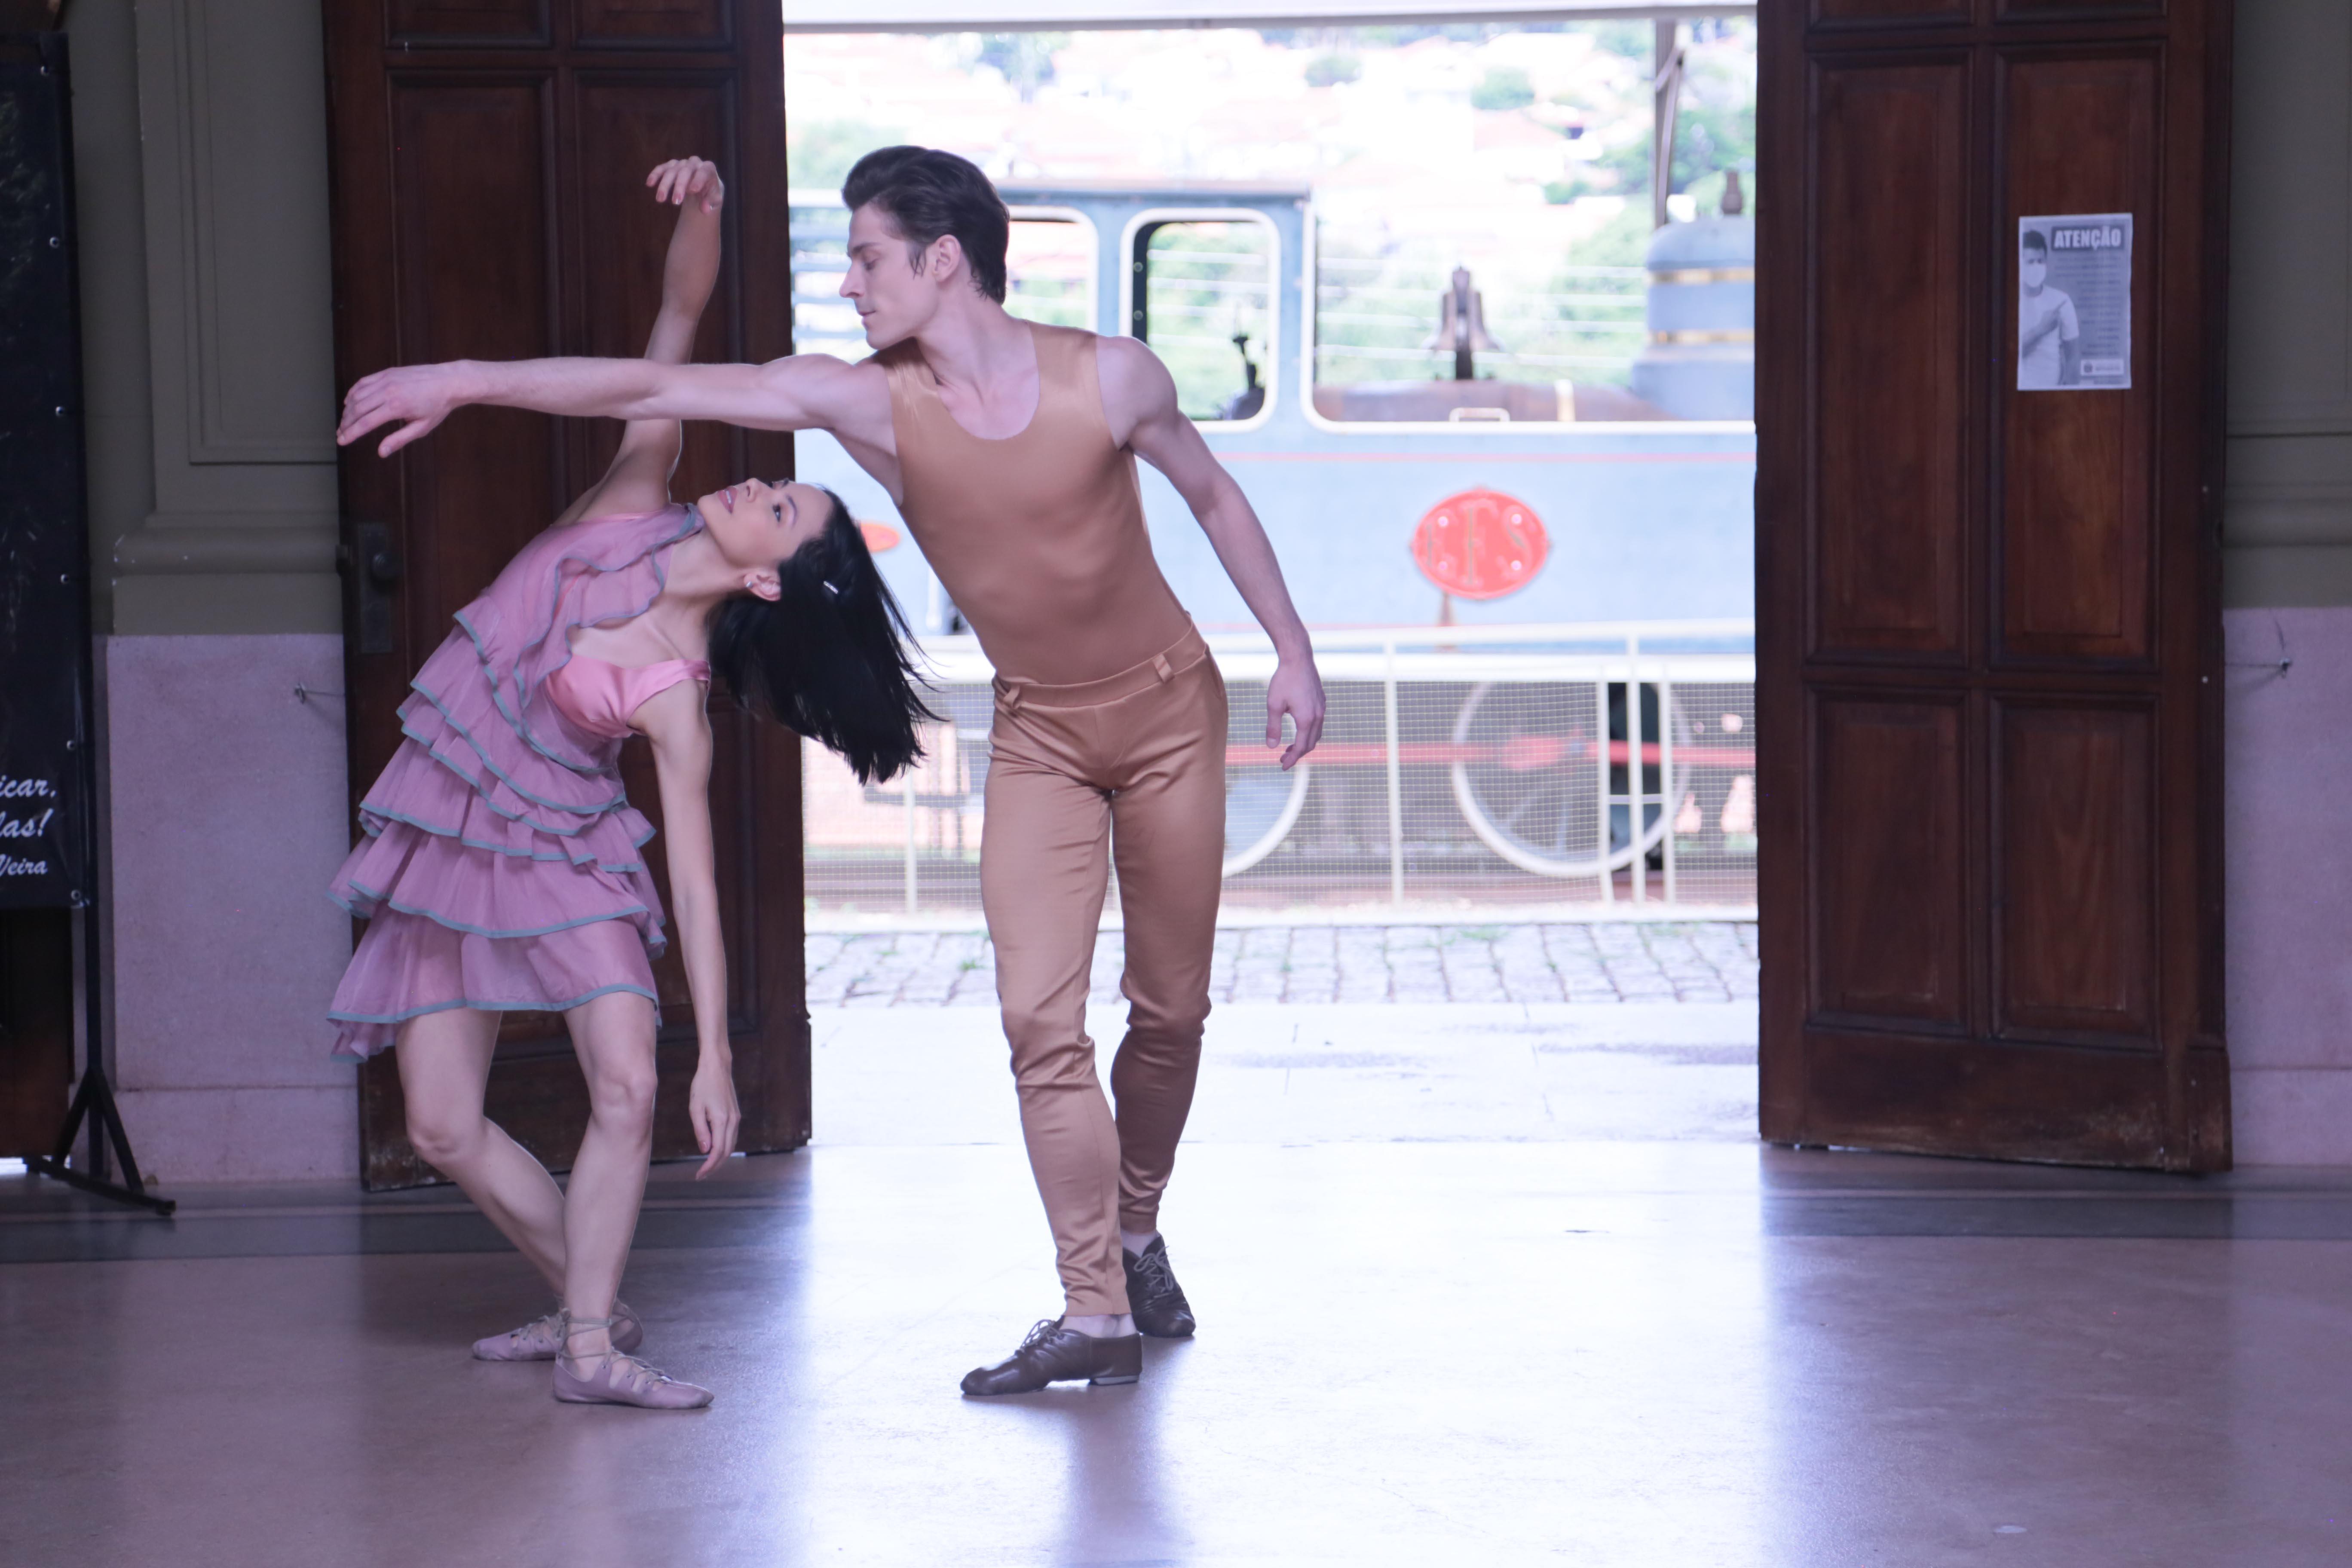 Diante de uma porta aberta com imagem de um trem azul ao fundo, casal de bailarinos dança, ela de vestido lilás de babados, ele com calça e camiseta nude